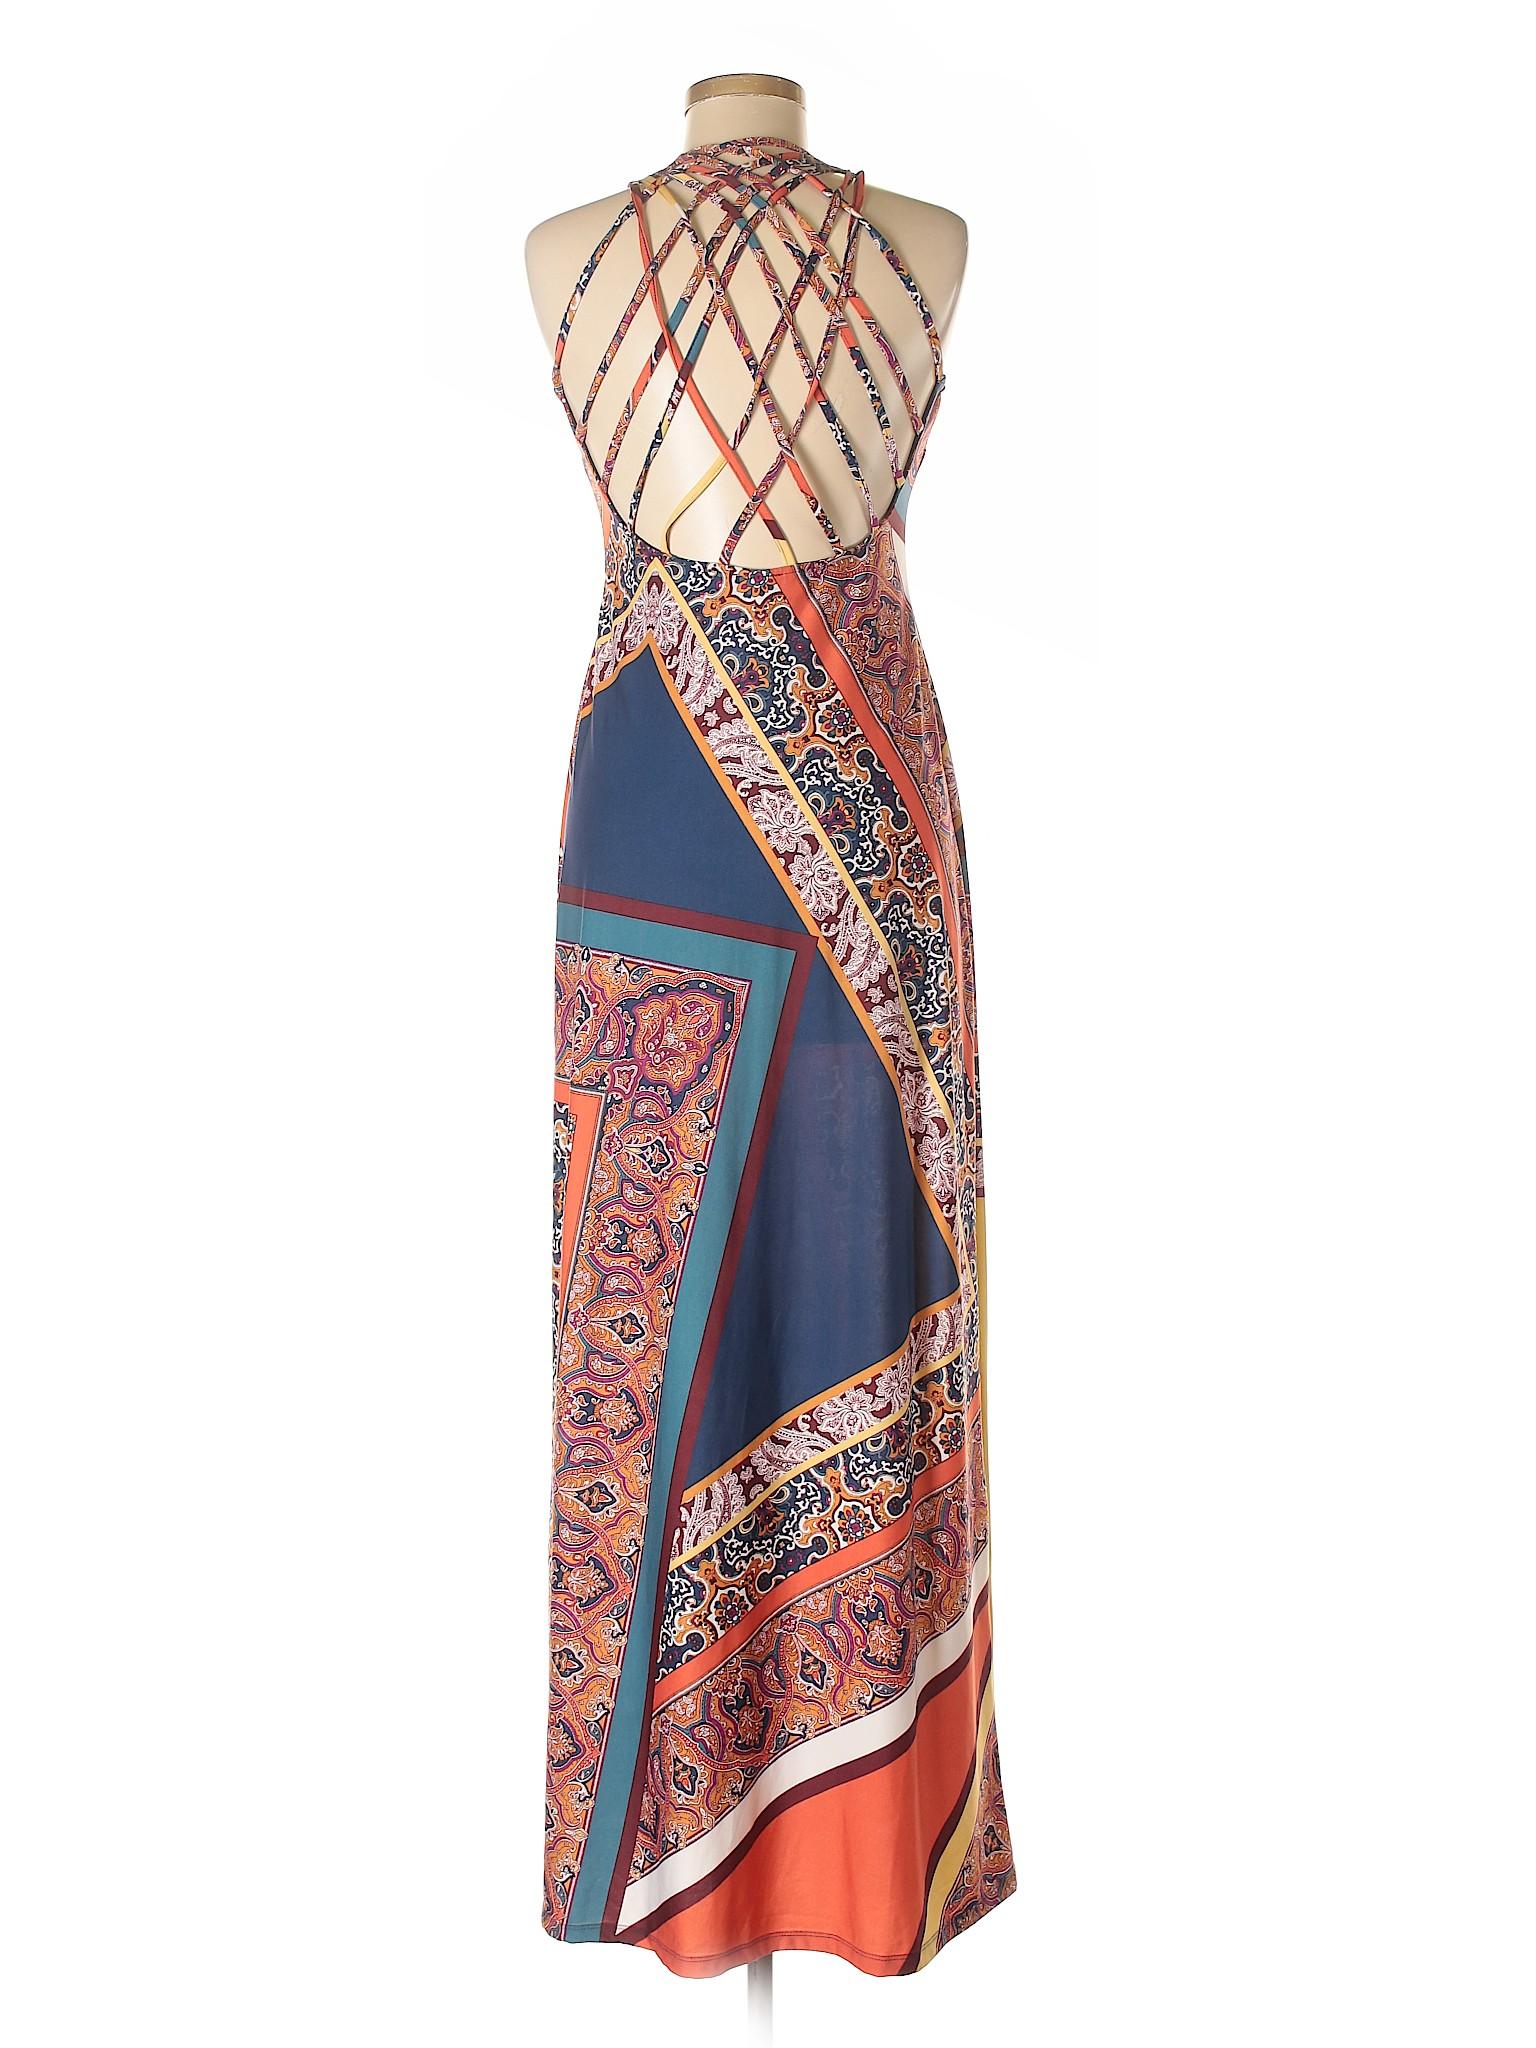 Casual Boutique Dress Venus Boutique winter winter IRzRv1T